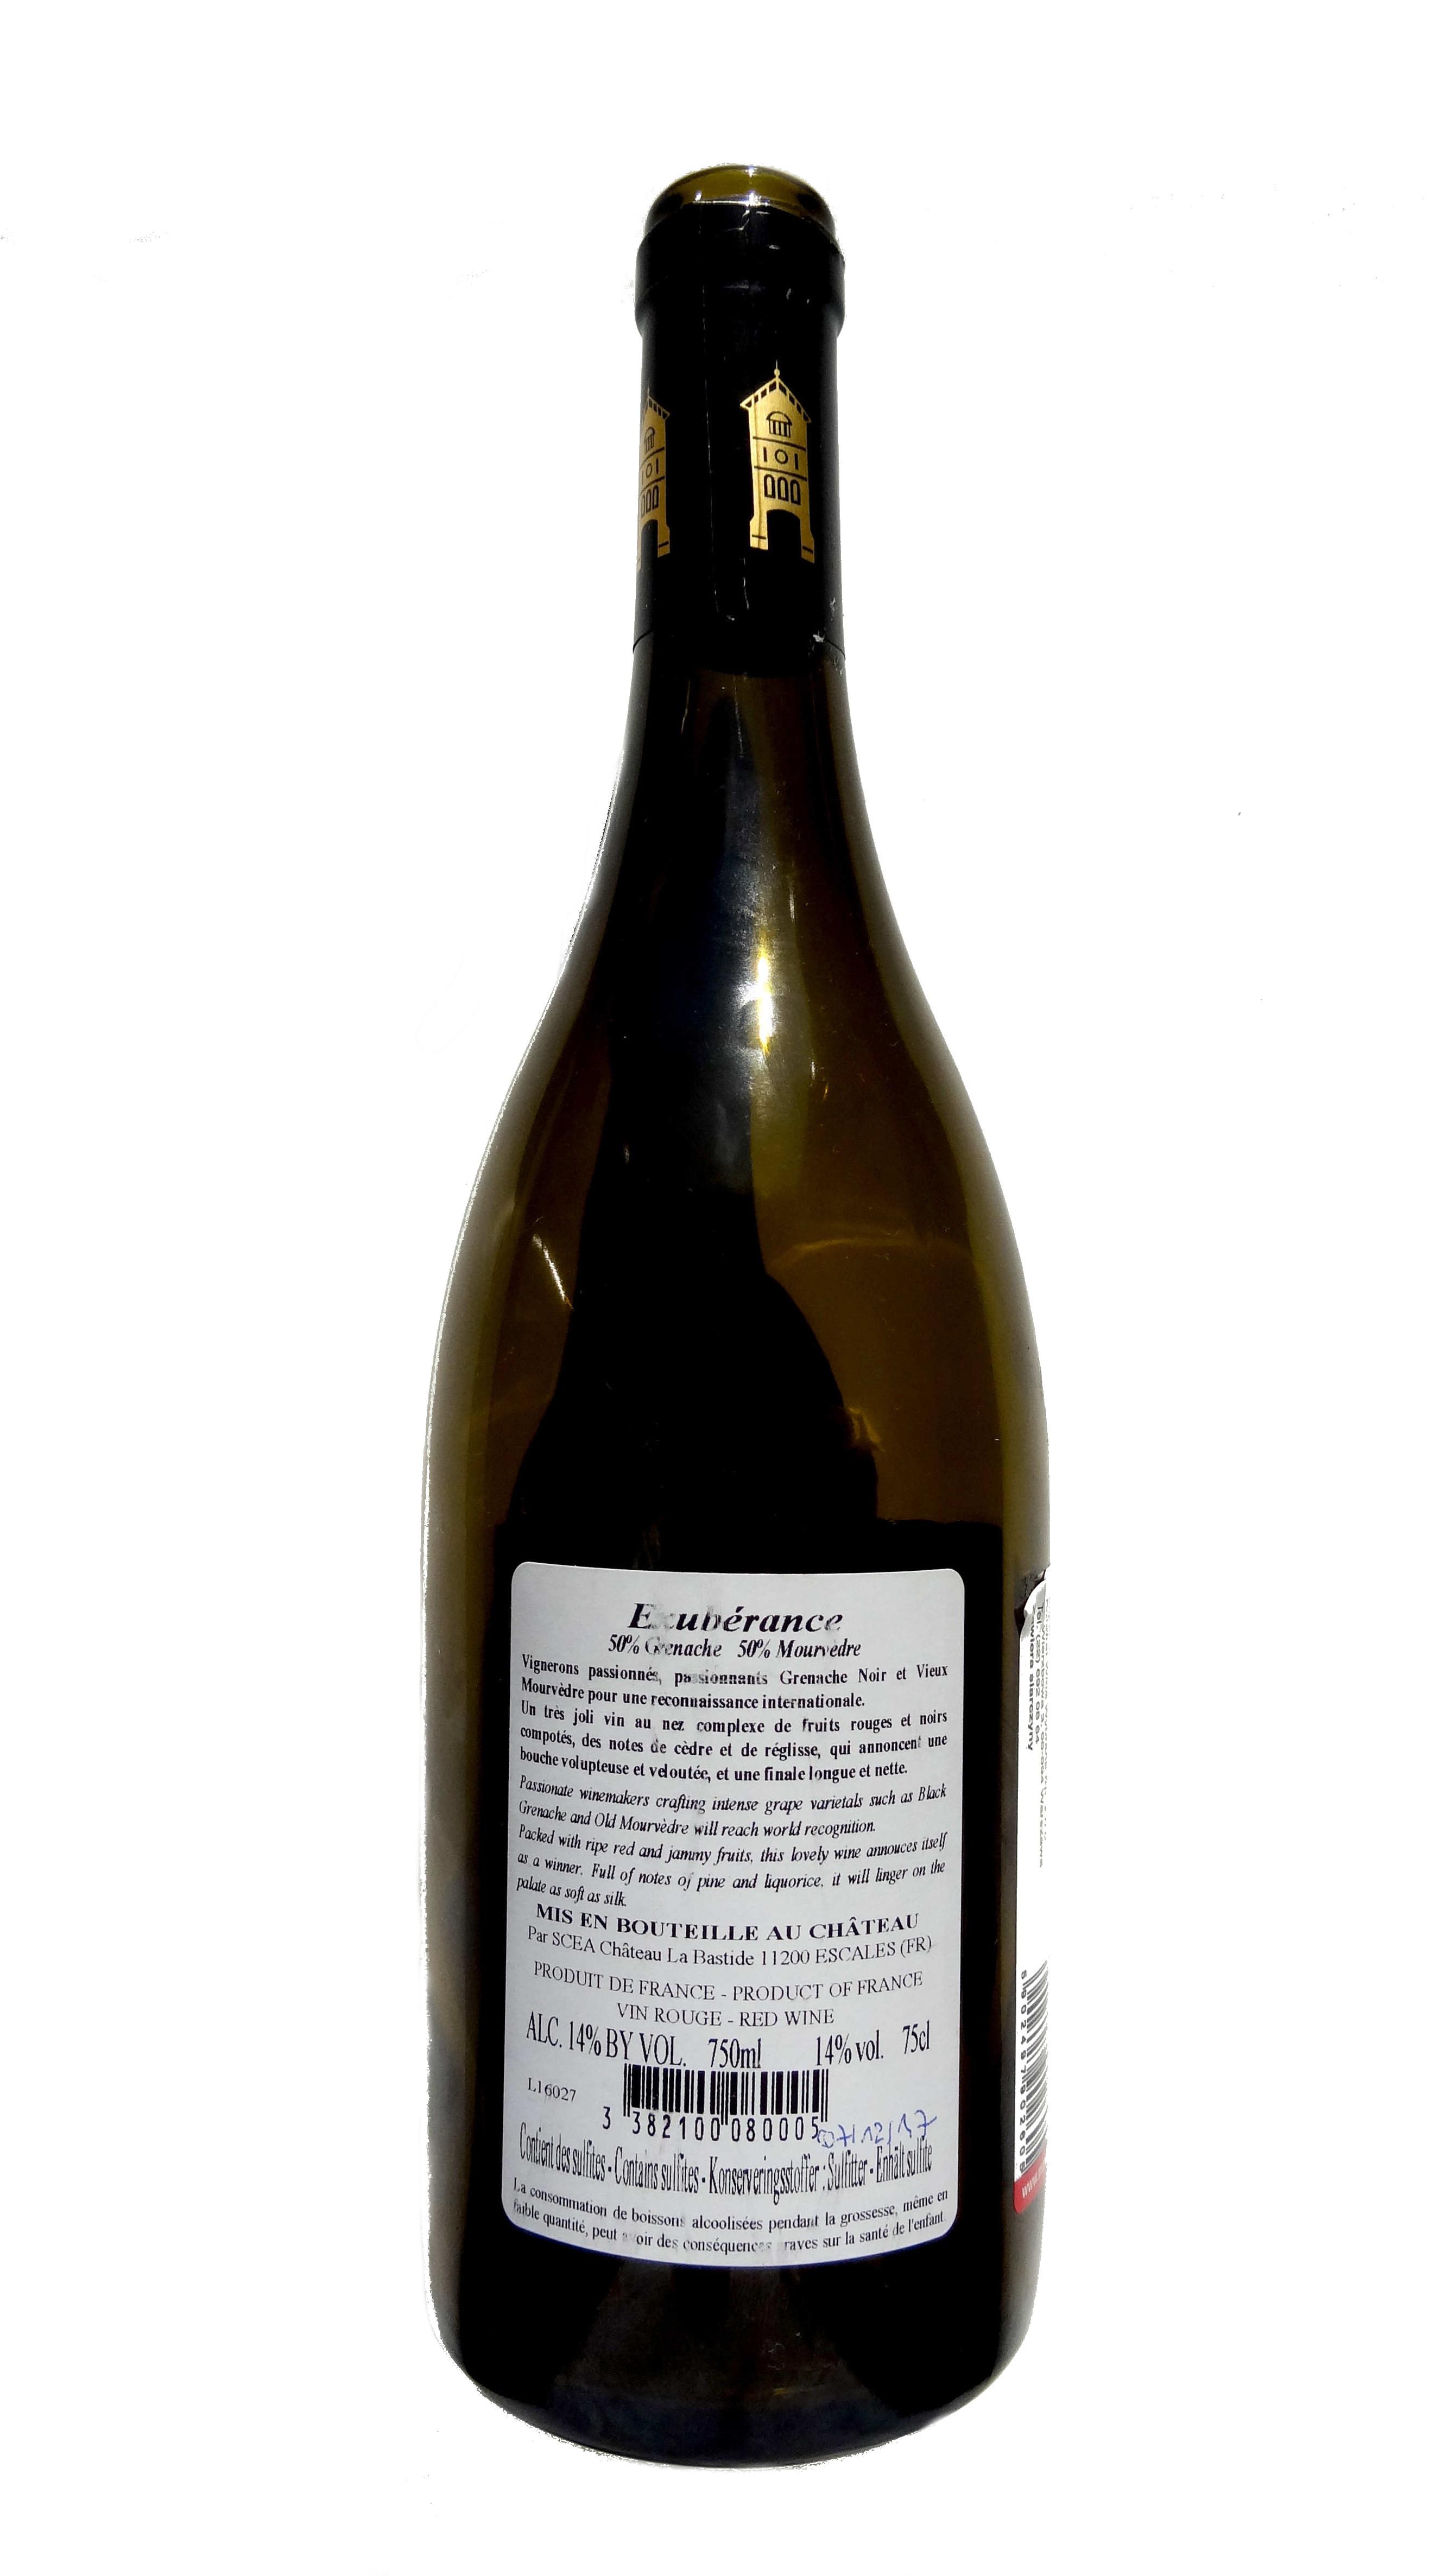 francuskie wino czerwone wytrawne wytrawne La Bastide Exubérance Corbières wine angellovesdreams (7)